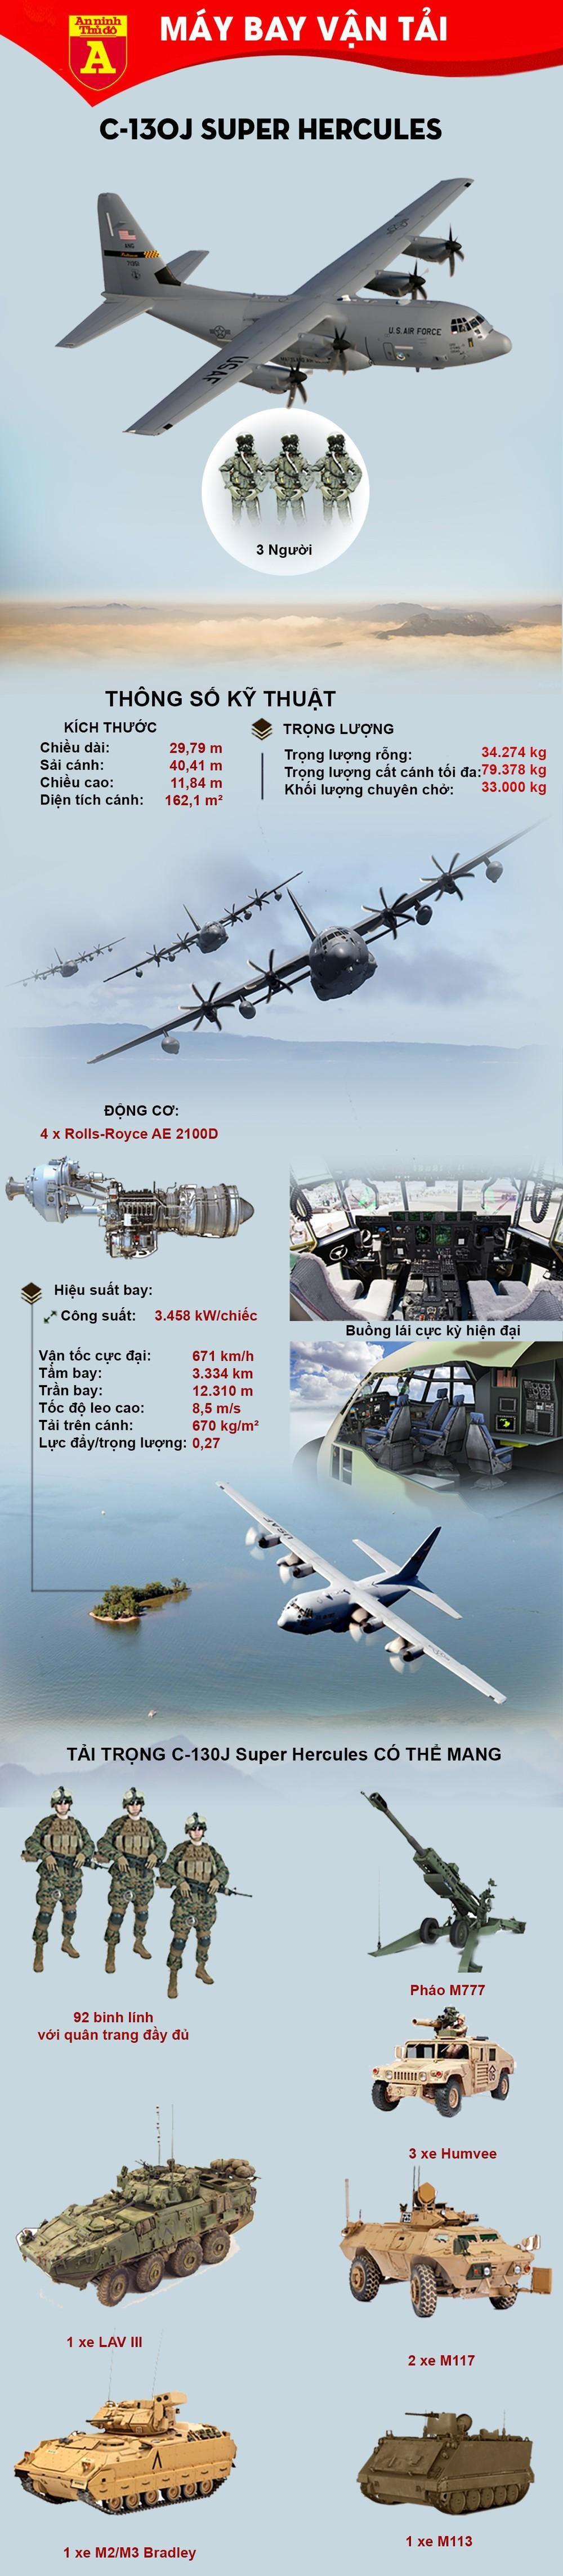 [Info] C-130 Philippines chở 92 người bị rơi, ít nhất 17 người thiệt mạng ảnh 3